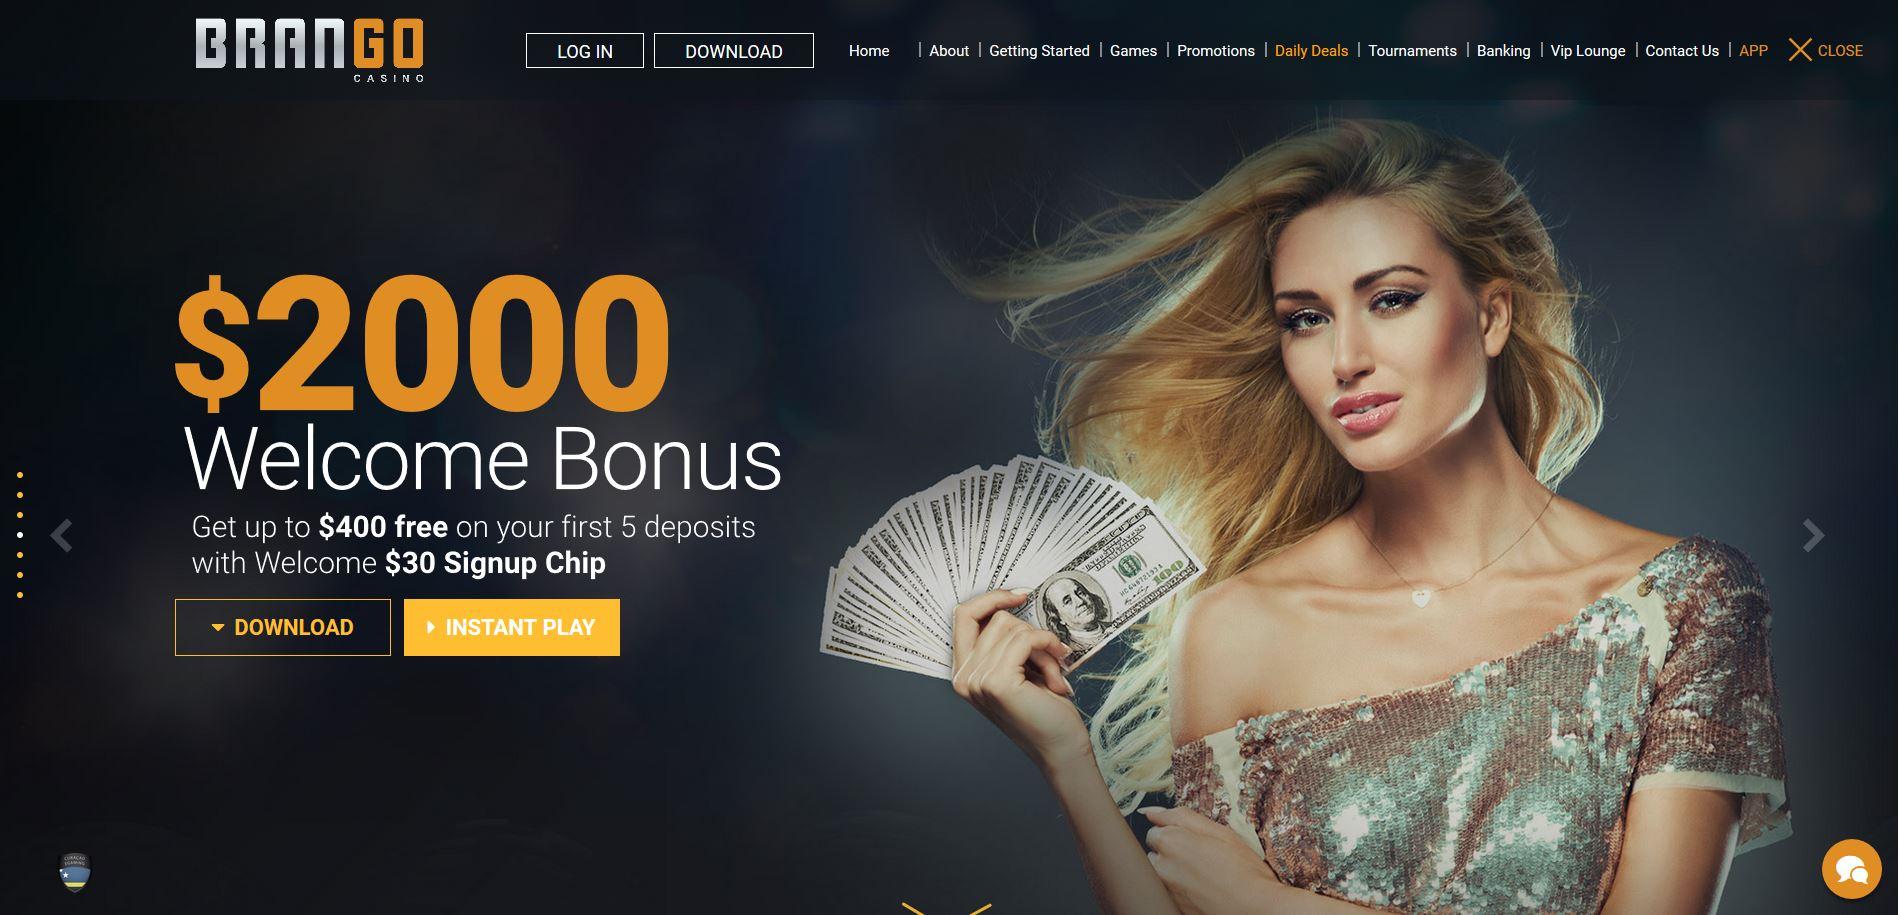 Casino-Brango